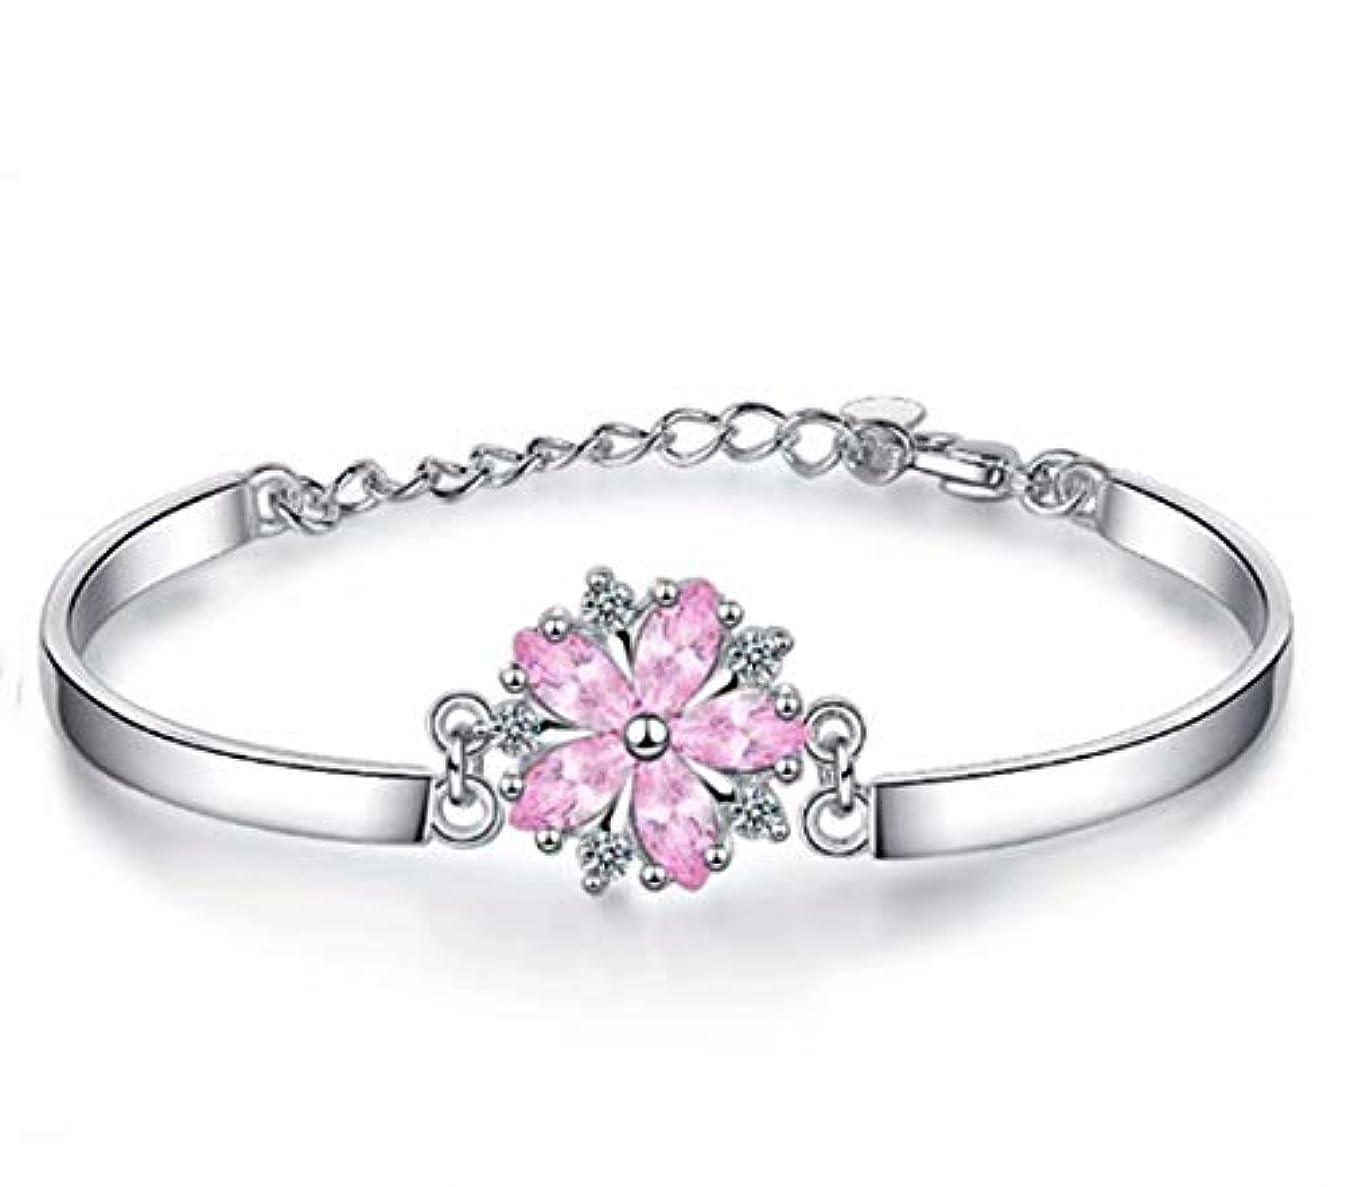 著名なオアシス流行七里の香 サクラブレスレットレディース フラワー 桜の花 ピンク腕輪 バングル 花びら ギフト 長さ調整可